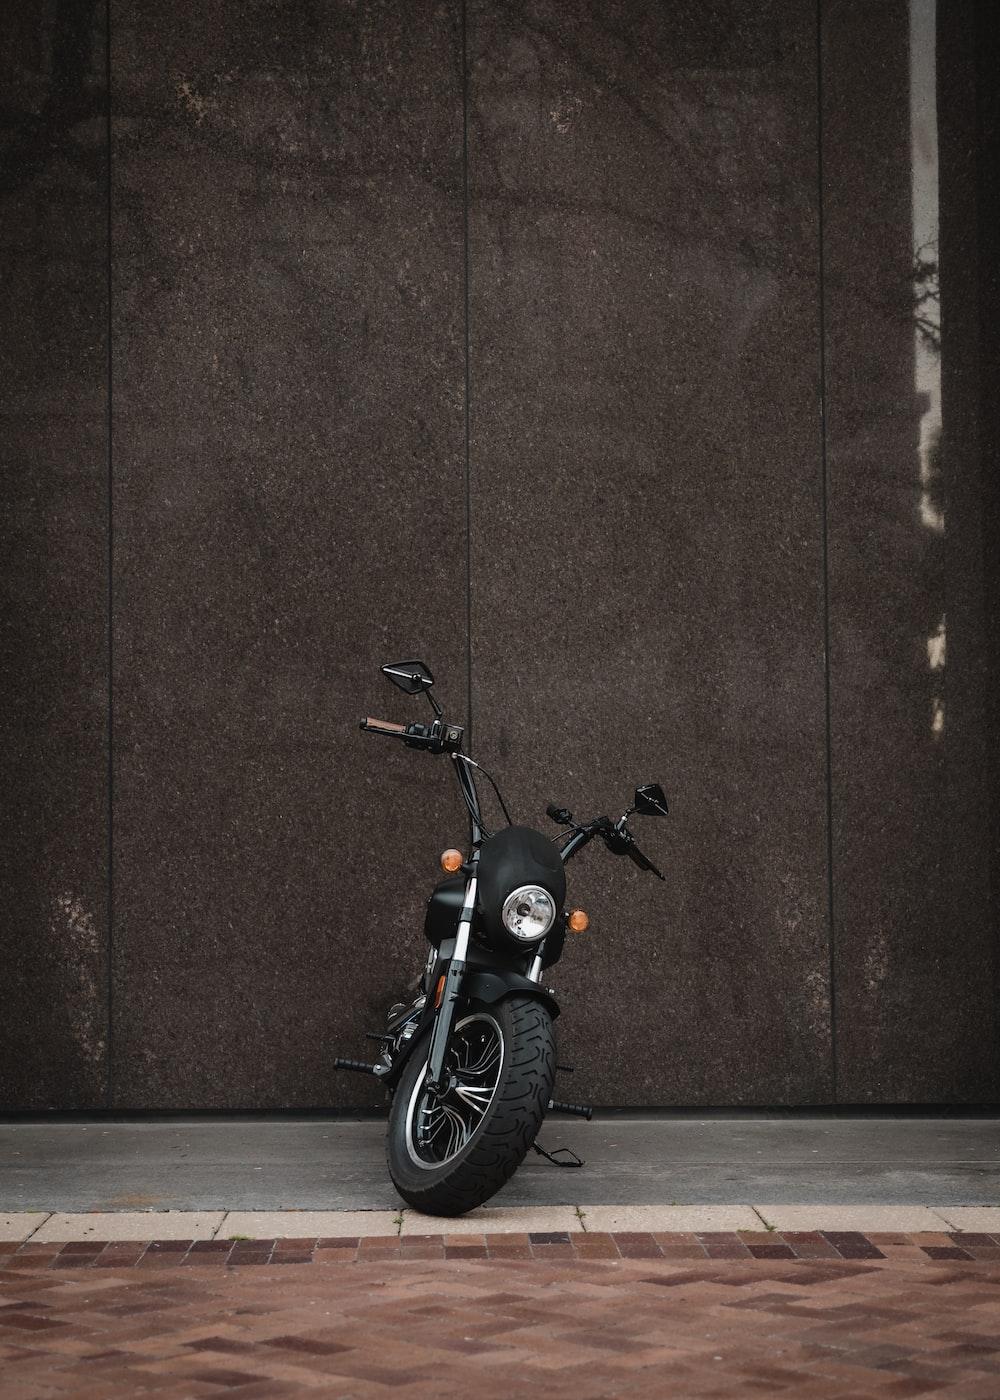 black underbone motorcycle beside wall